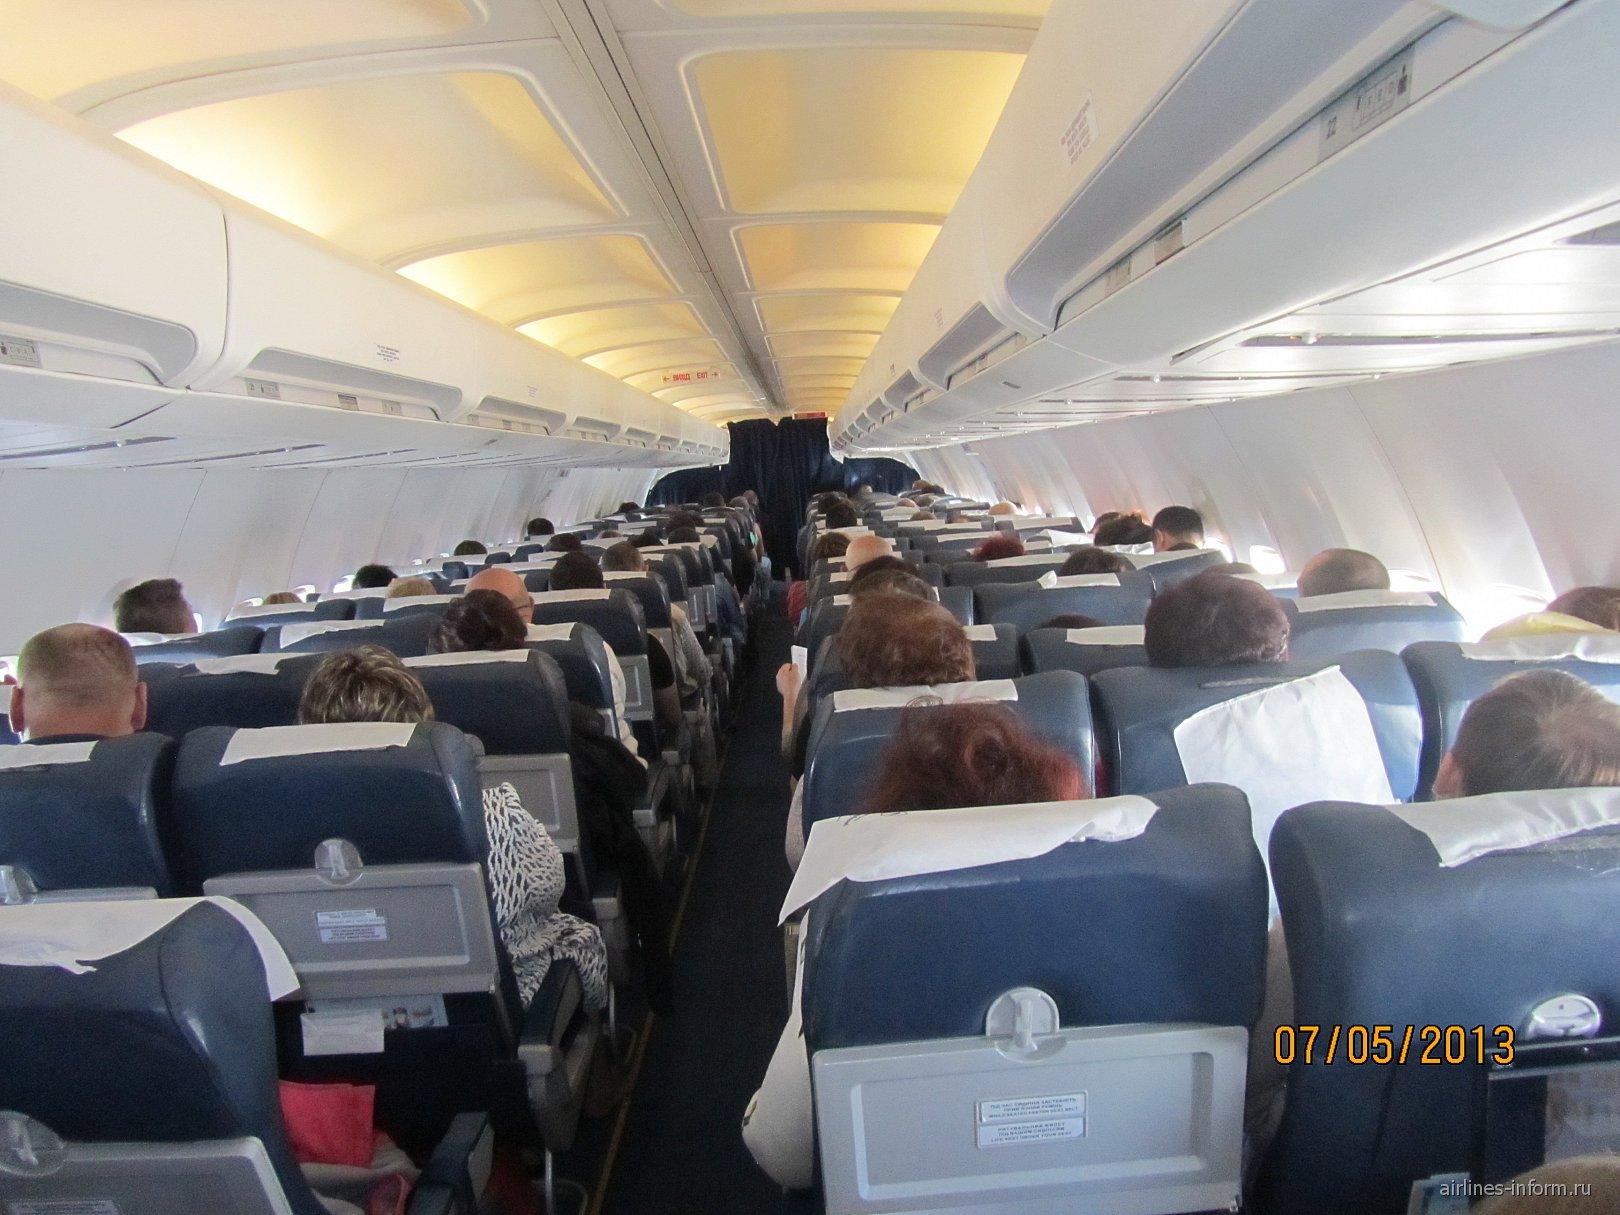 Салон самолета Боинг-737-300 Международных авиалиний Украины